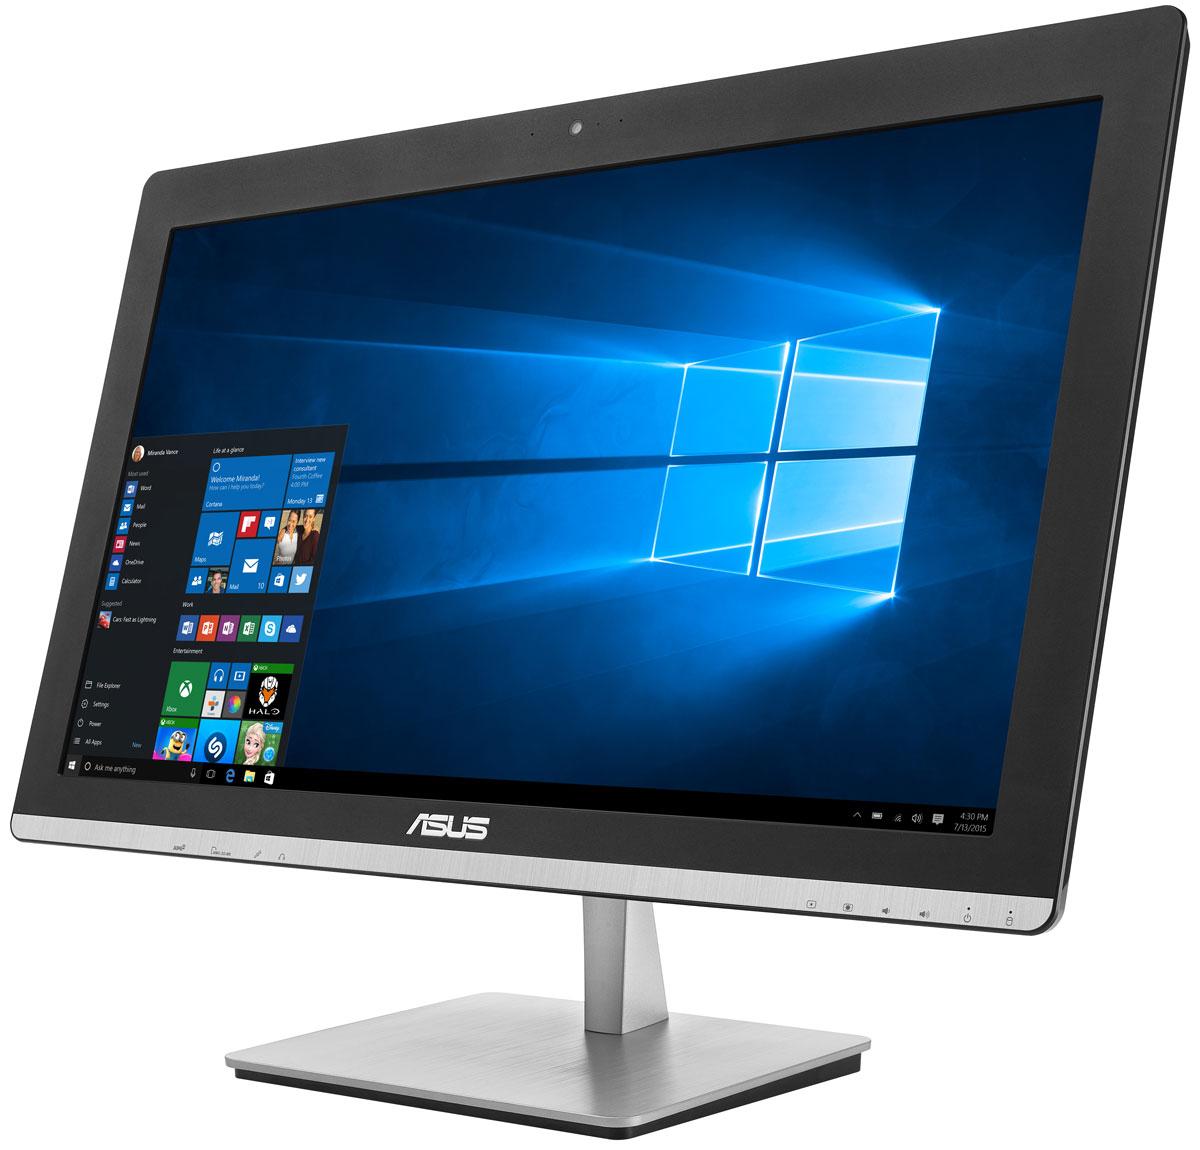 ASUS Vivo AiO V230ICGK-BC273X, Black моноблокV230ICGK-BC273XУстройство Asus V230ICGK - это полноценный моноблочный компьютер, включающий в себя дисплей, процессор, видеокарту, оперативную и пользовательскую память. Он выполнен в красивом корпусе, который будет удачно смотреться в домашнем интерьере. Компактное полнофункциональное устройство, такое как моноблочный компьютер Asus V230ICGK, идеально подходит для современного дома, поскольку его можно использовать для самых различных приложений, как рабочих, так и развлекательных, при этом не засоряя домашний интерьер множеством кабелей и дополнительных приспособлений. Изящная подставка прочно удерживает моноблочный компьютер на месте. В отличие от подставок аналогичных моделей, ее верхний конец прикреплен к задней панели дисплея, а не к его основанию. Моноблочный компьютер Asus V230ICGK оснащается процессором Intel Core i7 шестого поколения, который показывает высокую производительность при низком энергопотреблении. С ним можно комфортно выполнять ...